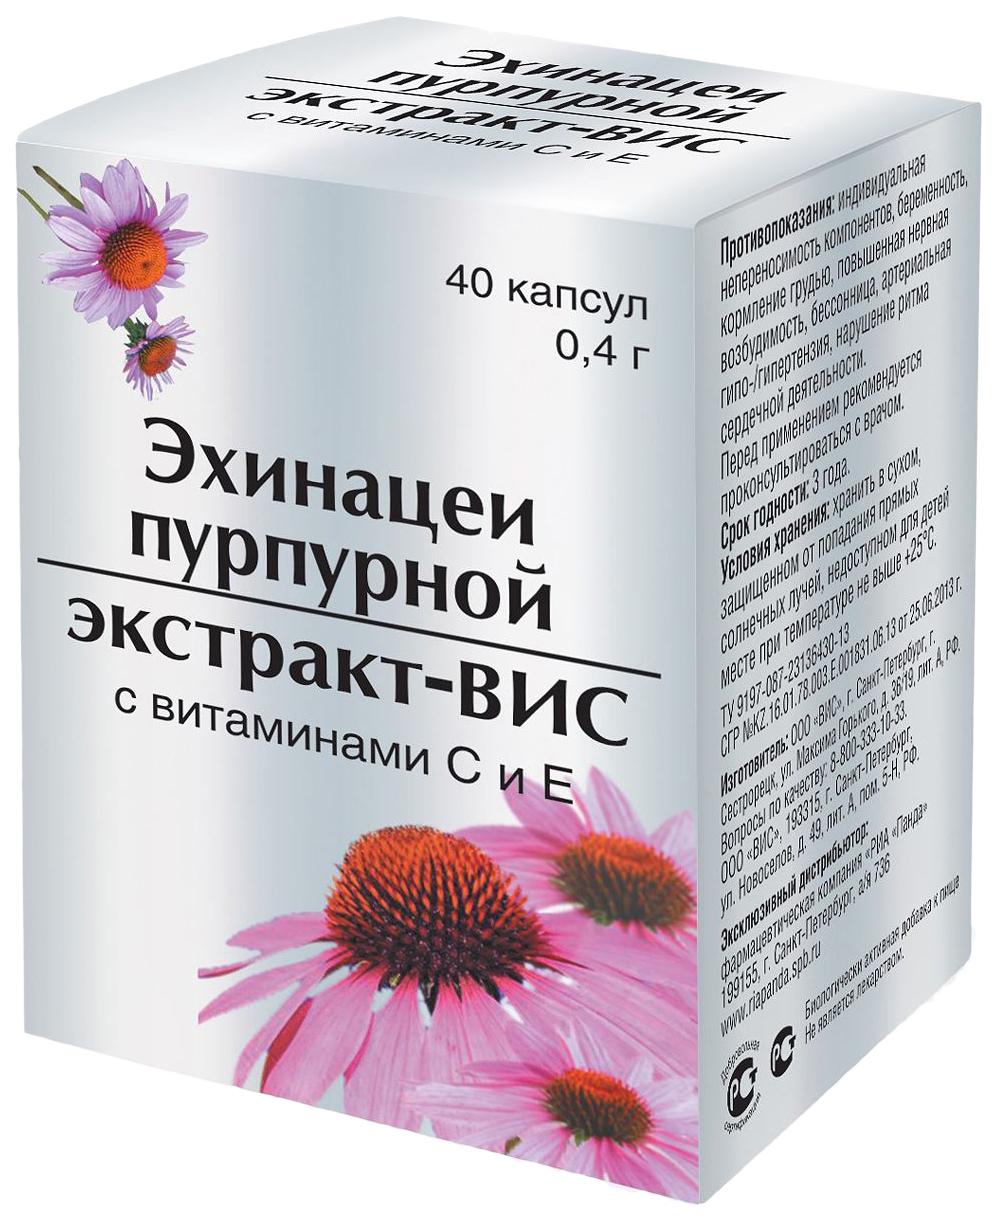 Эхинацея пурпурная экстракт-вис капс 0,4г N40